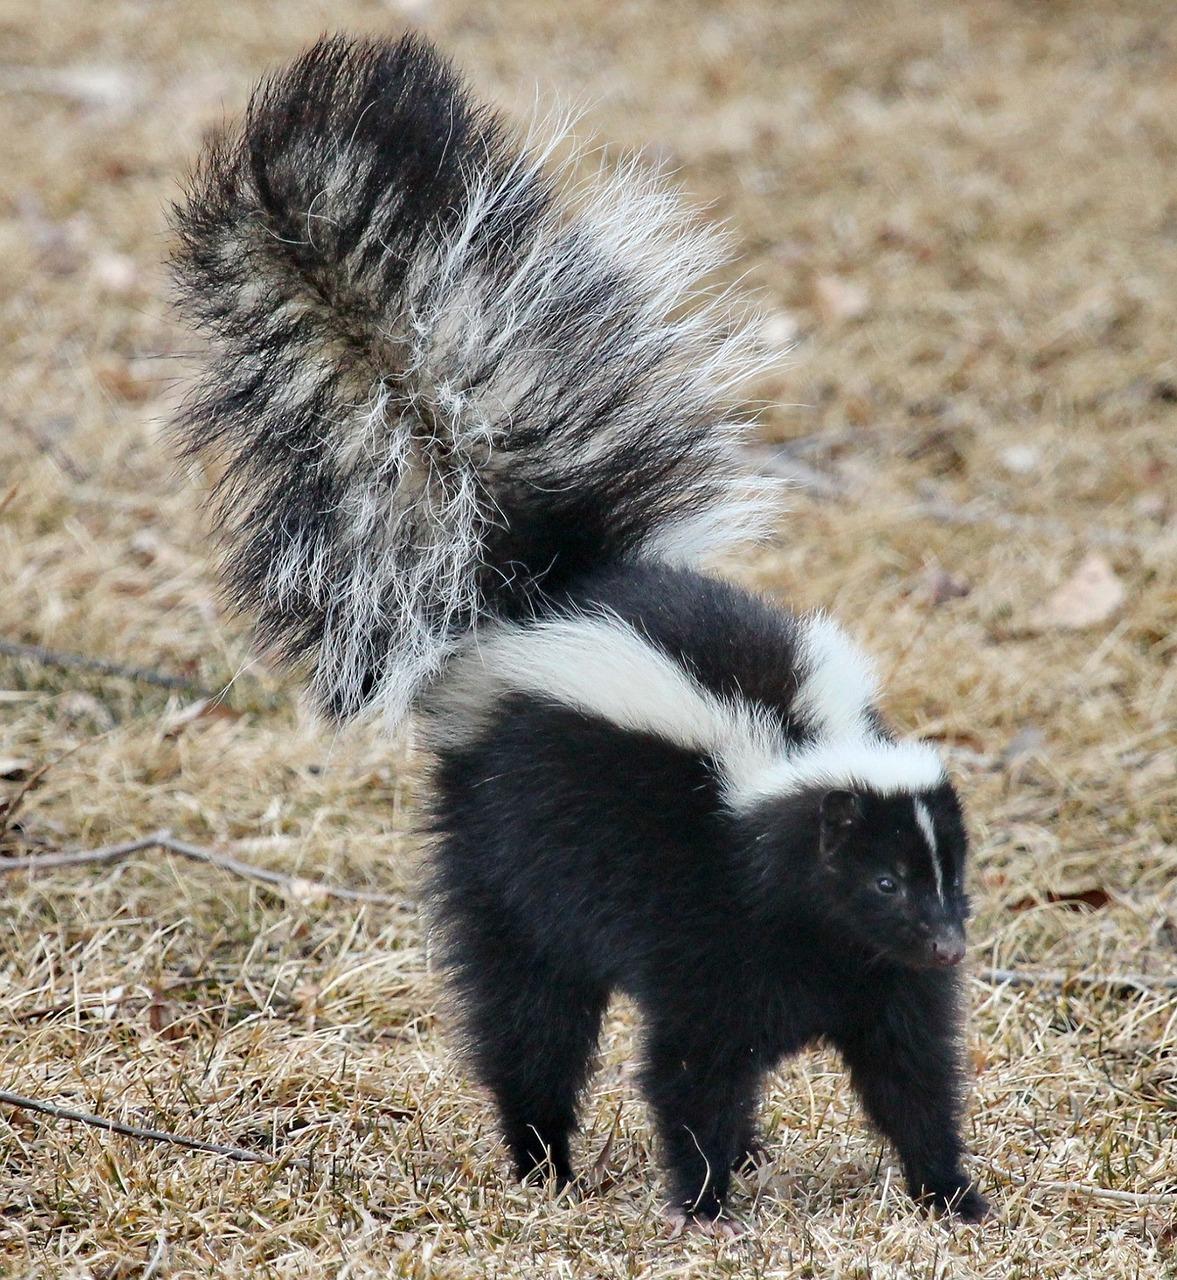 Coca Cola deodorizes skunk smell